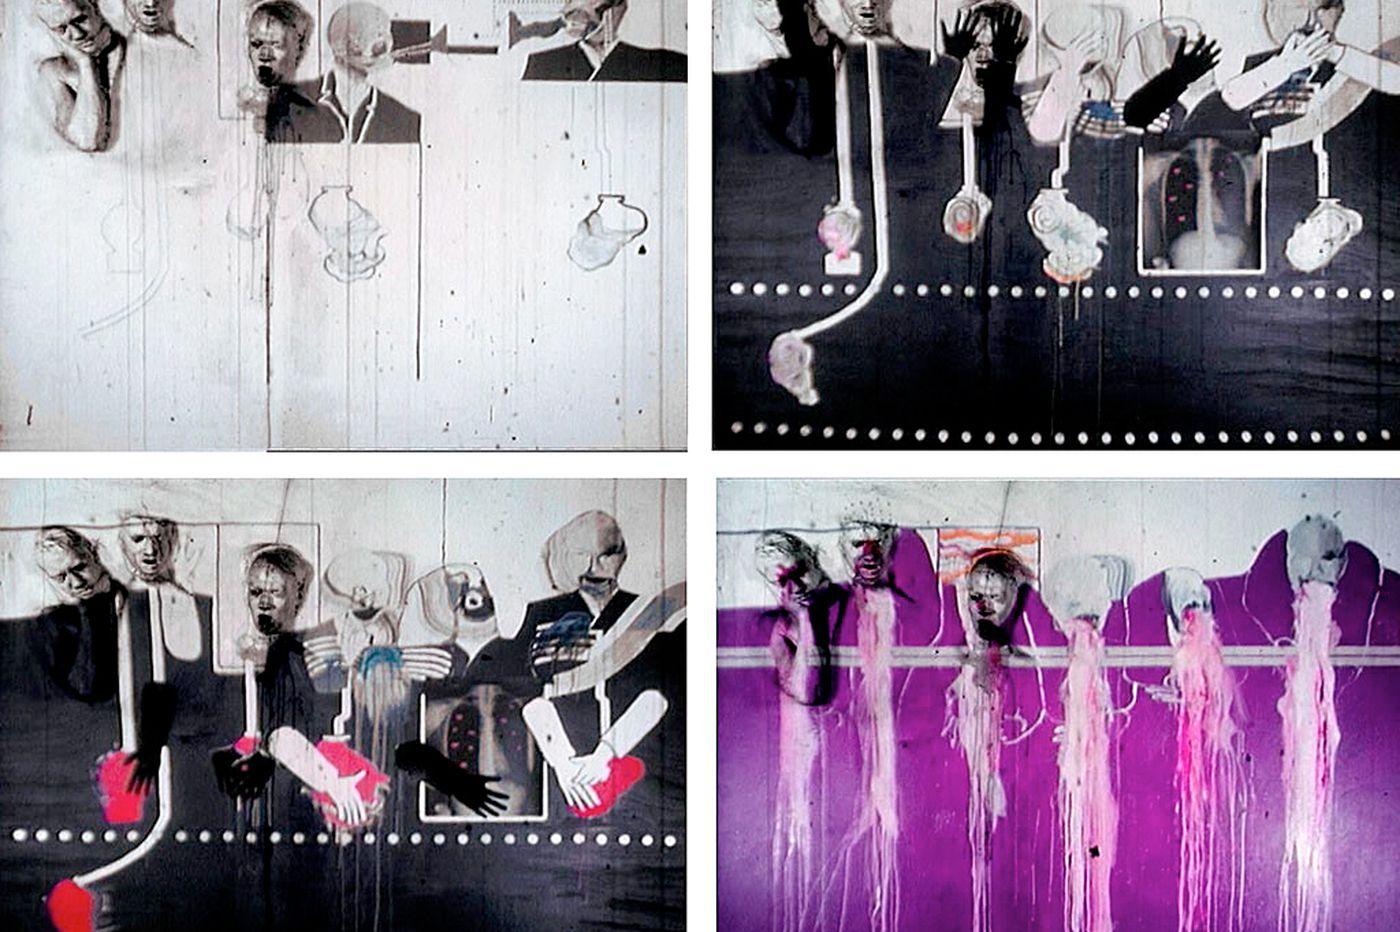 Art: Storyteller David Lynch's dark artistic visions